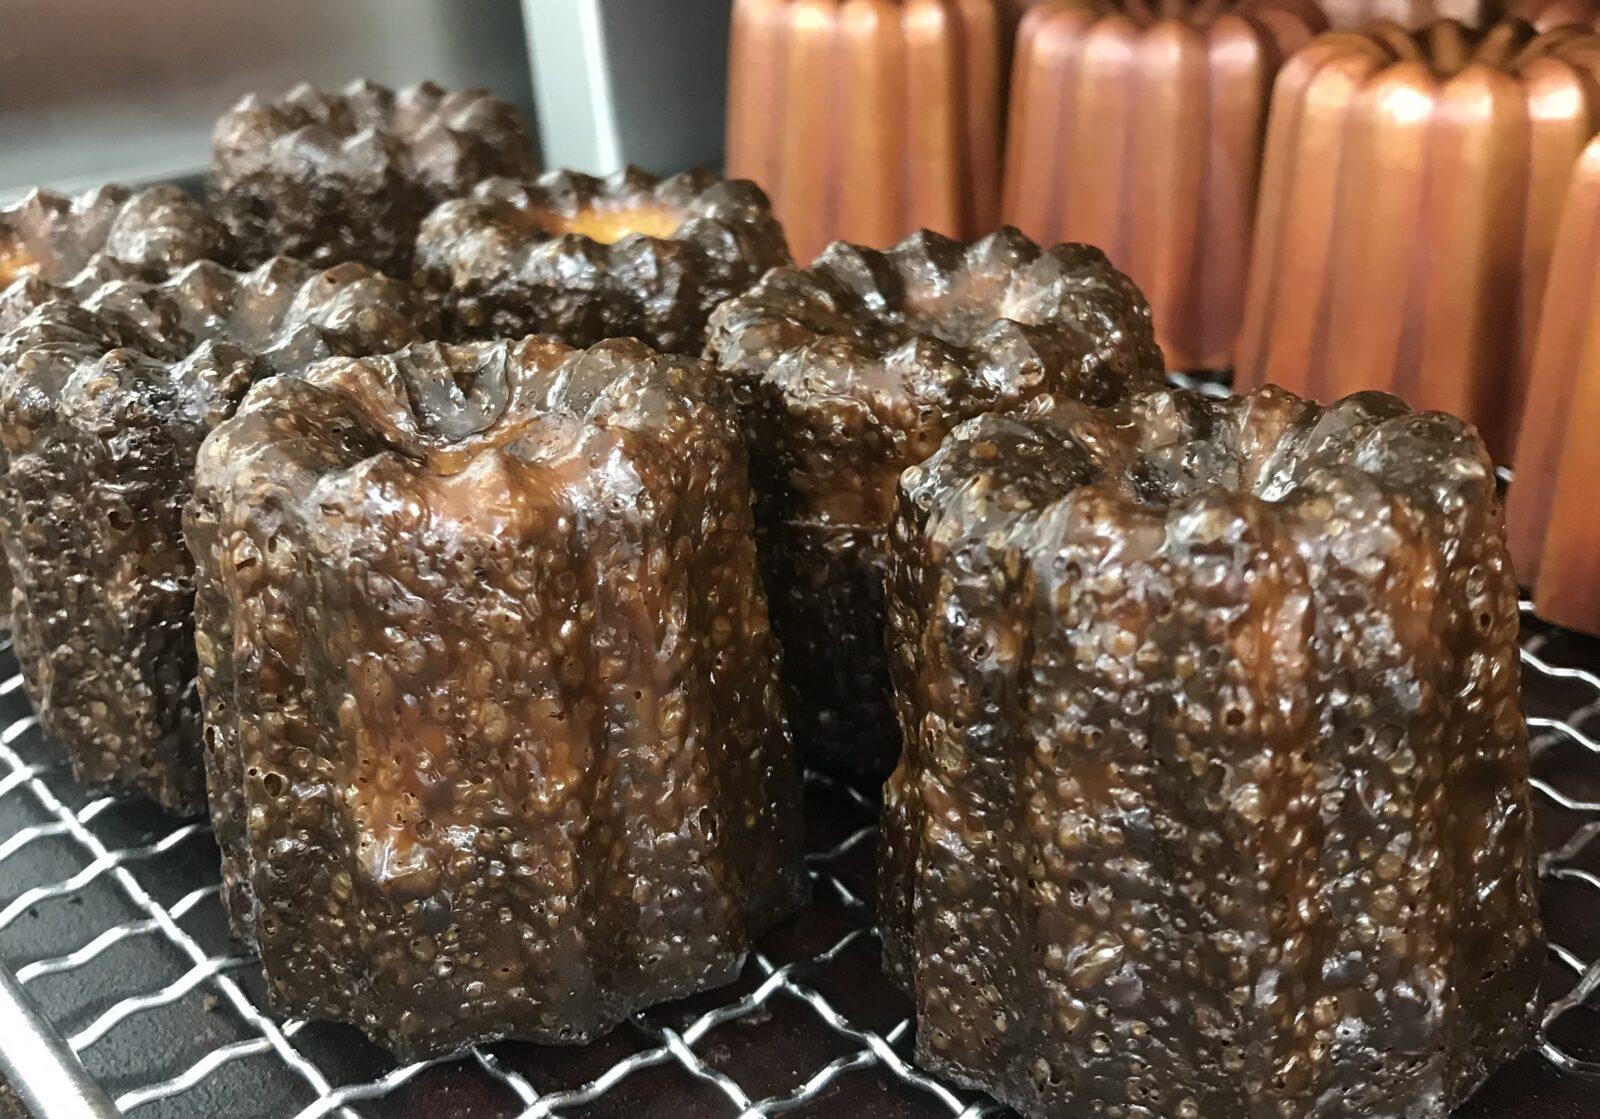 【東大和】カヌレ・マカロン・エクレアなど「伝統的なフランス菓子」が揃うパティスリー